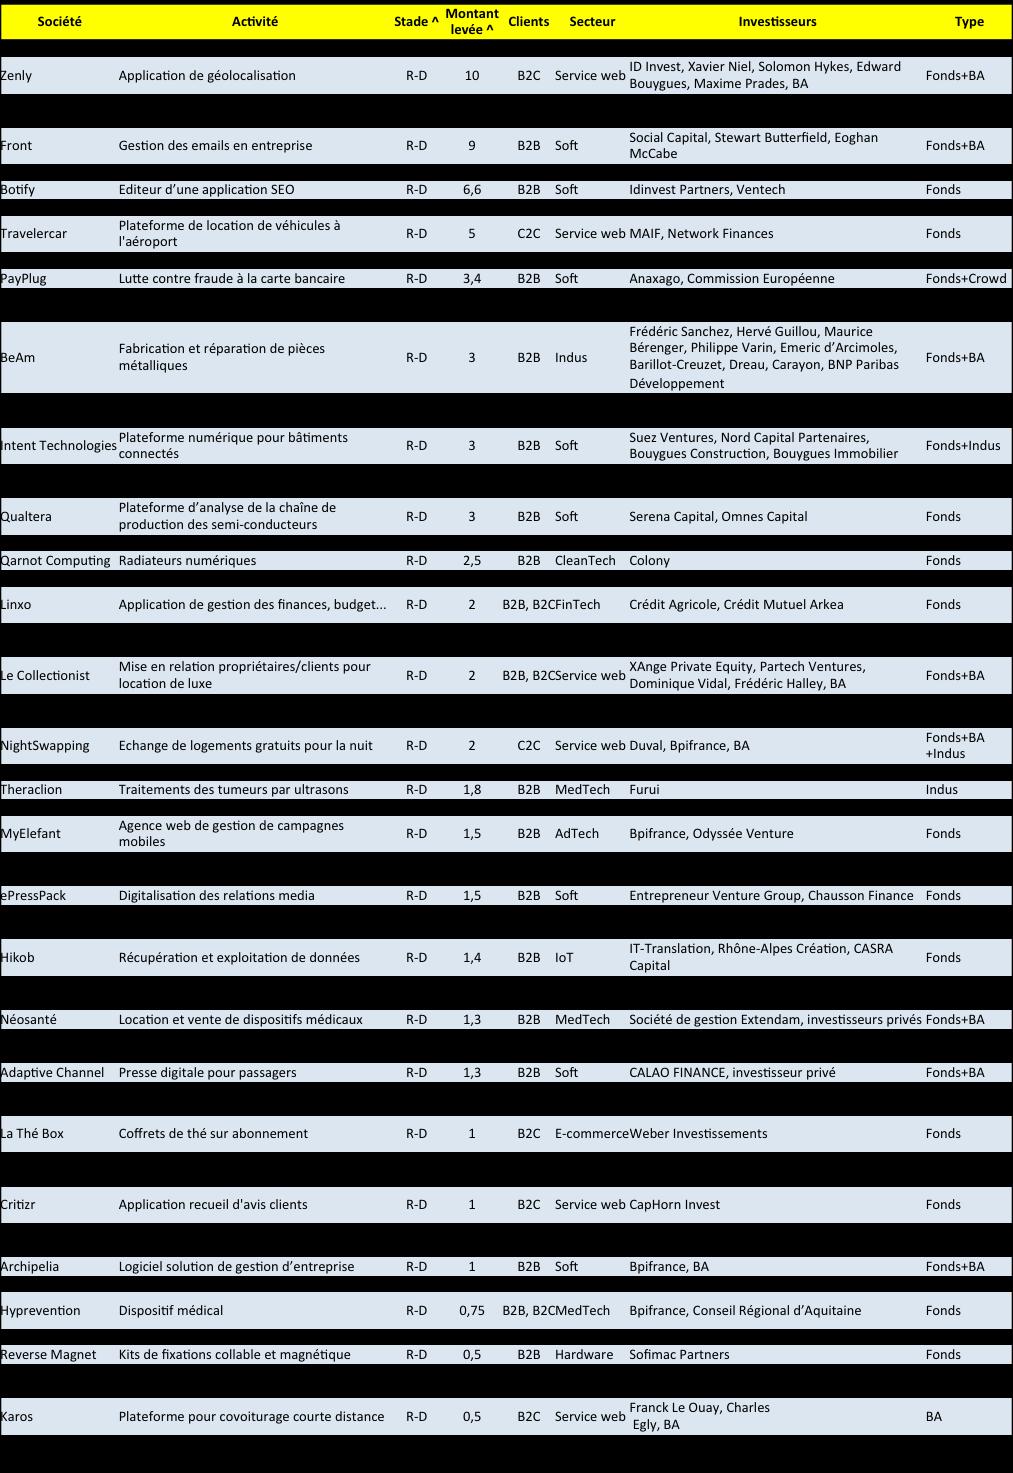 levee-de-fonds-rd-s1-2o16